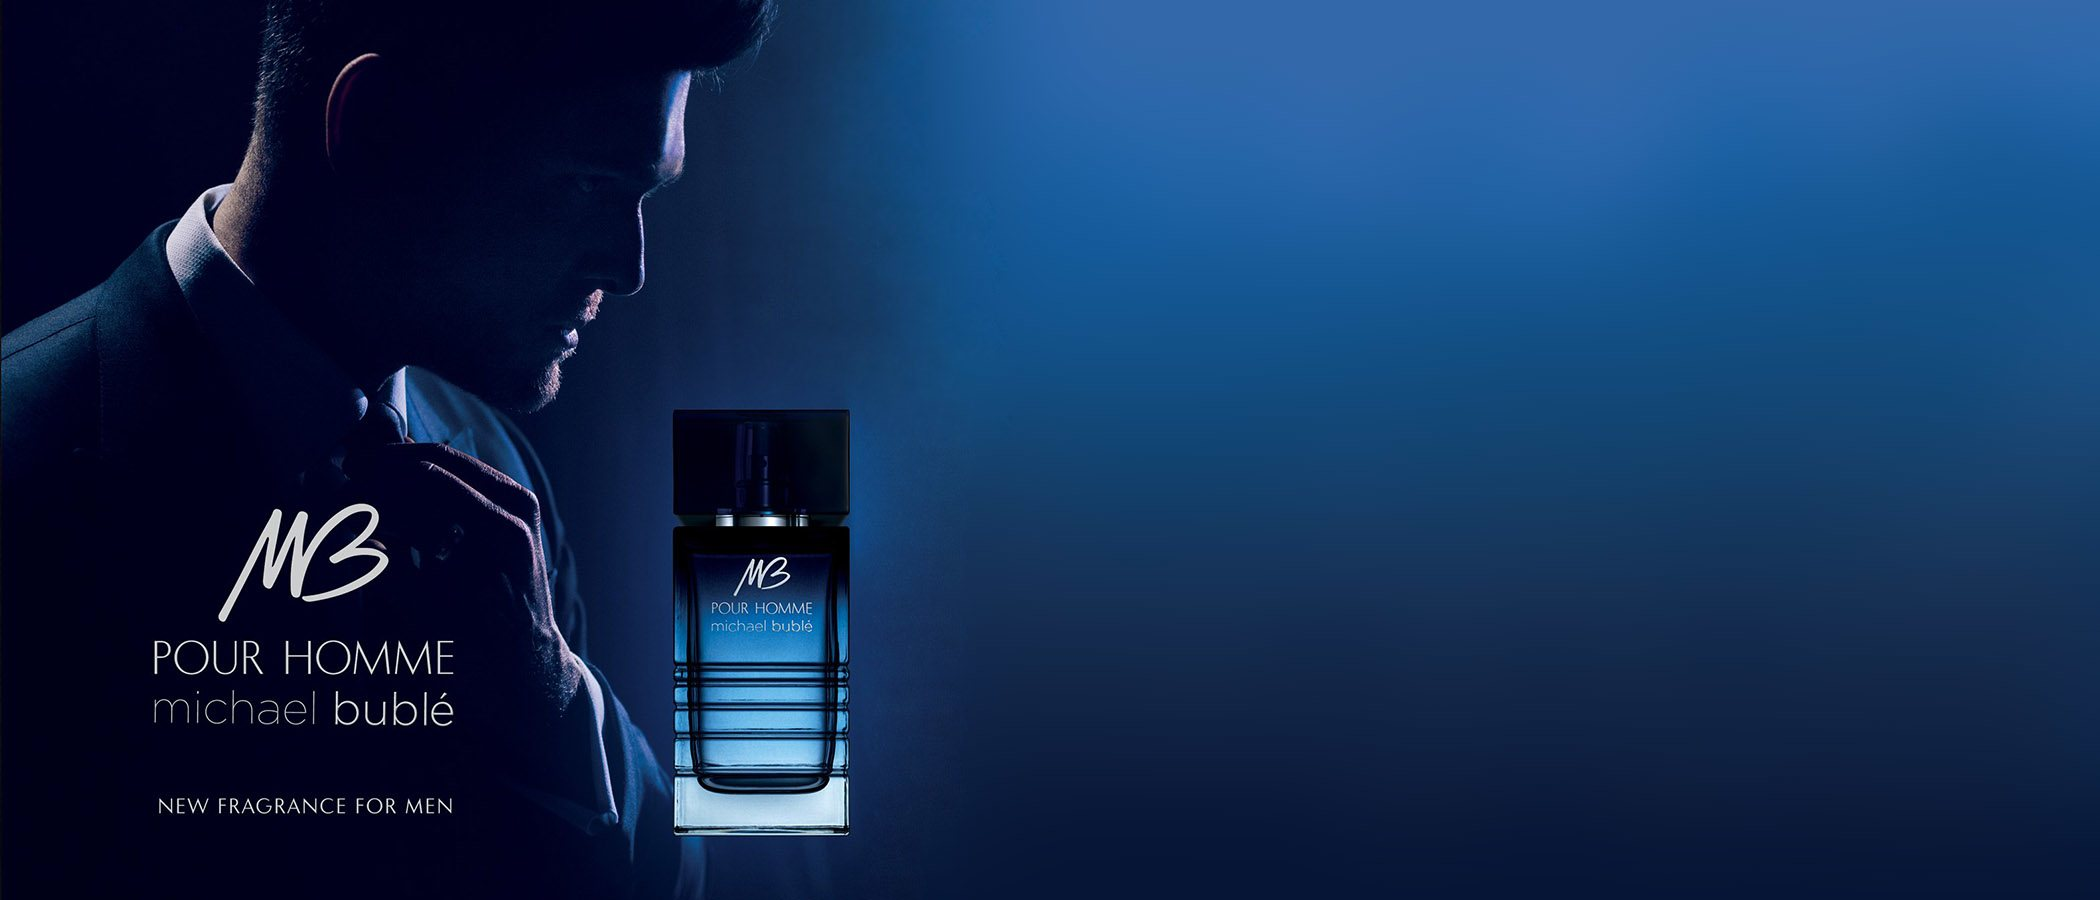 Michael Bublé se estrena en las fragancias masculinas con su nuevo perfume 'Michael Bublé Pour Homme'